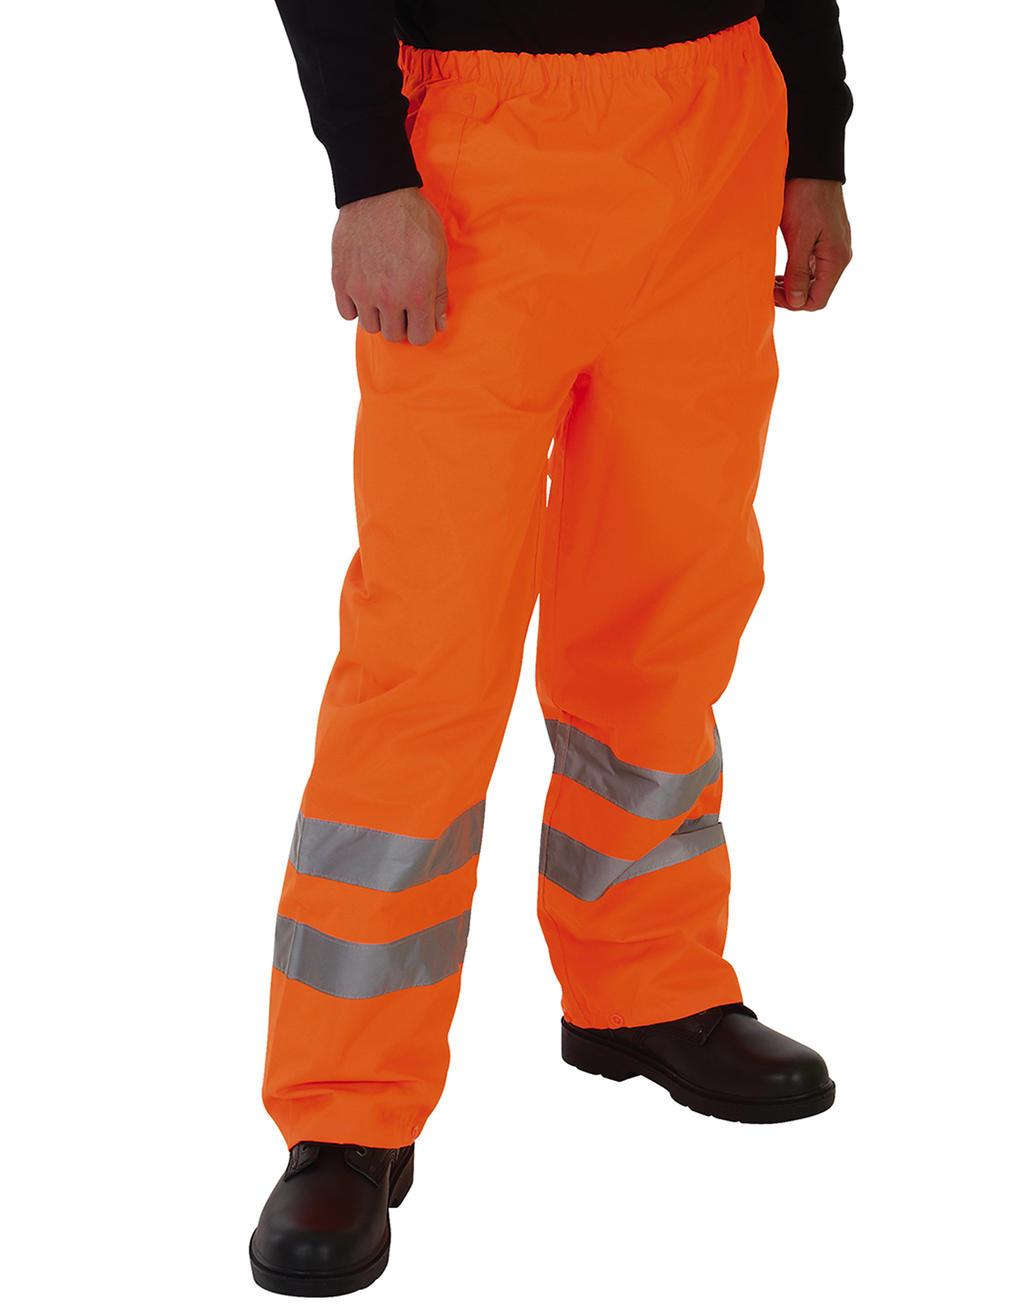 Ochranné kalhoty Fluo Orange - zvìtšit obrázek